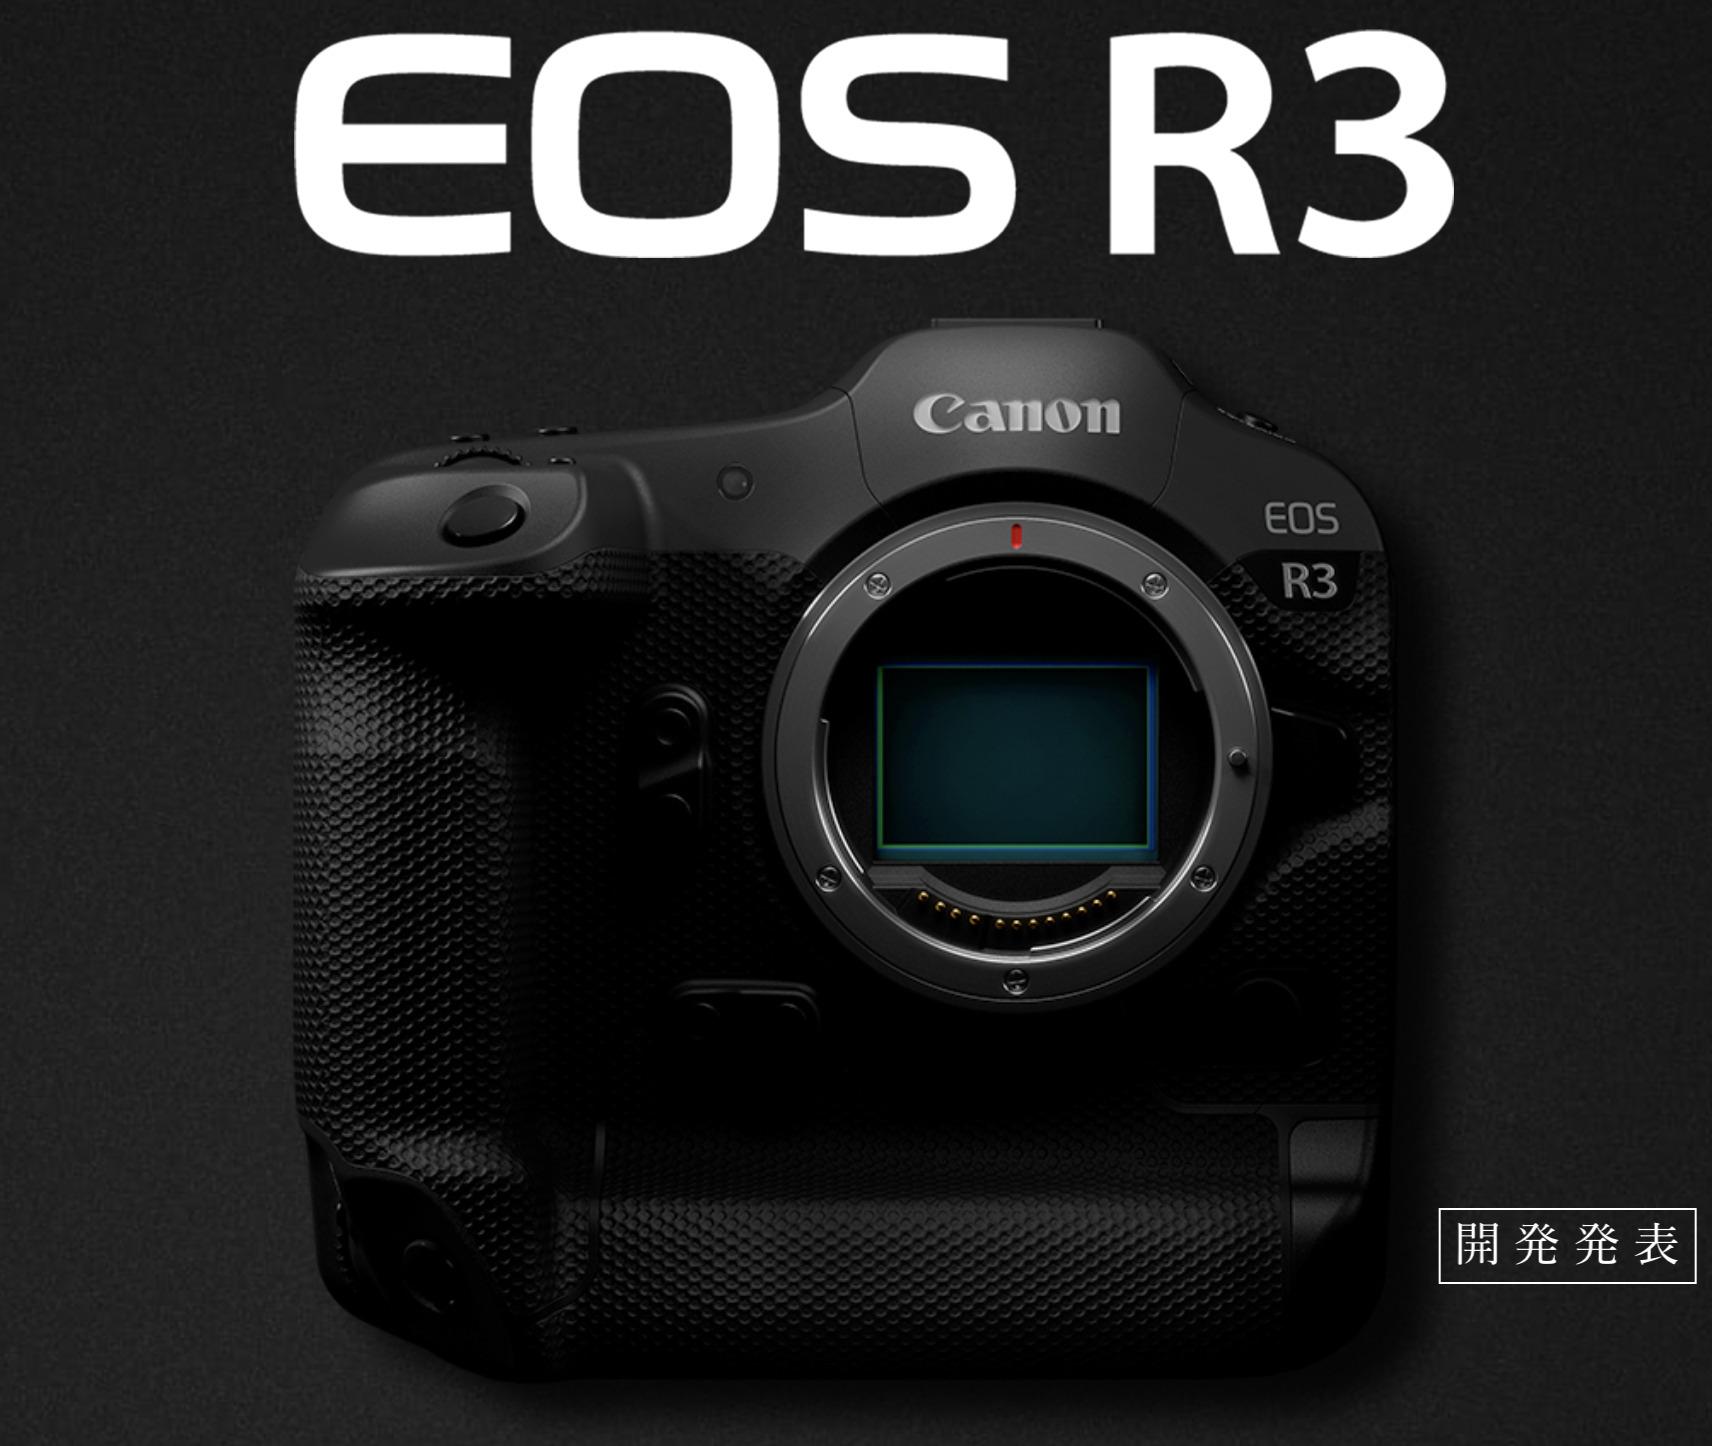 EOS R3